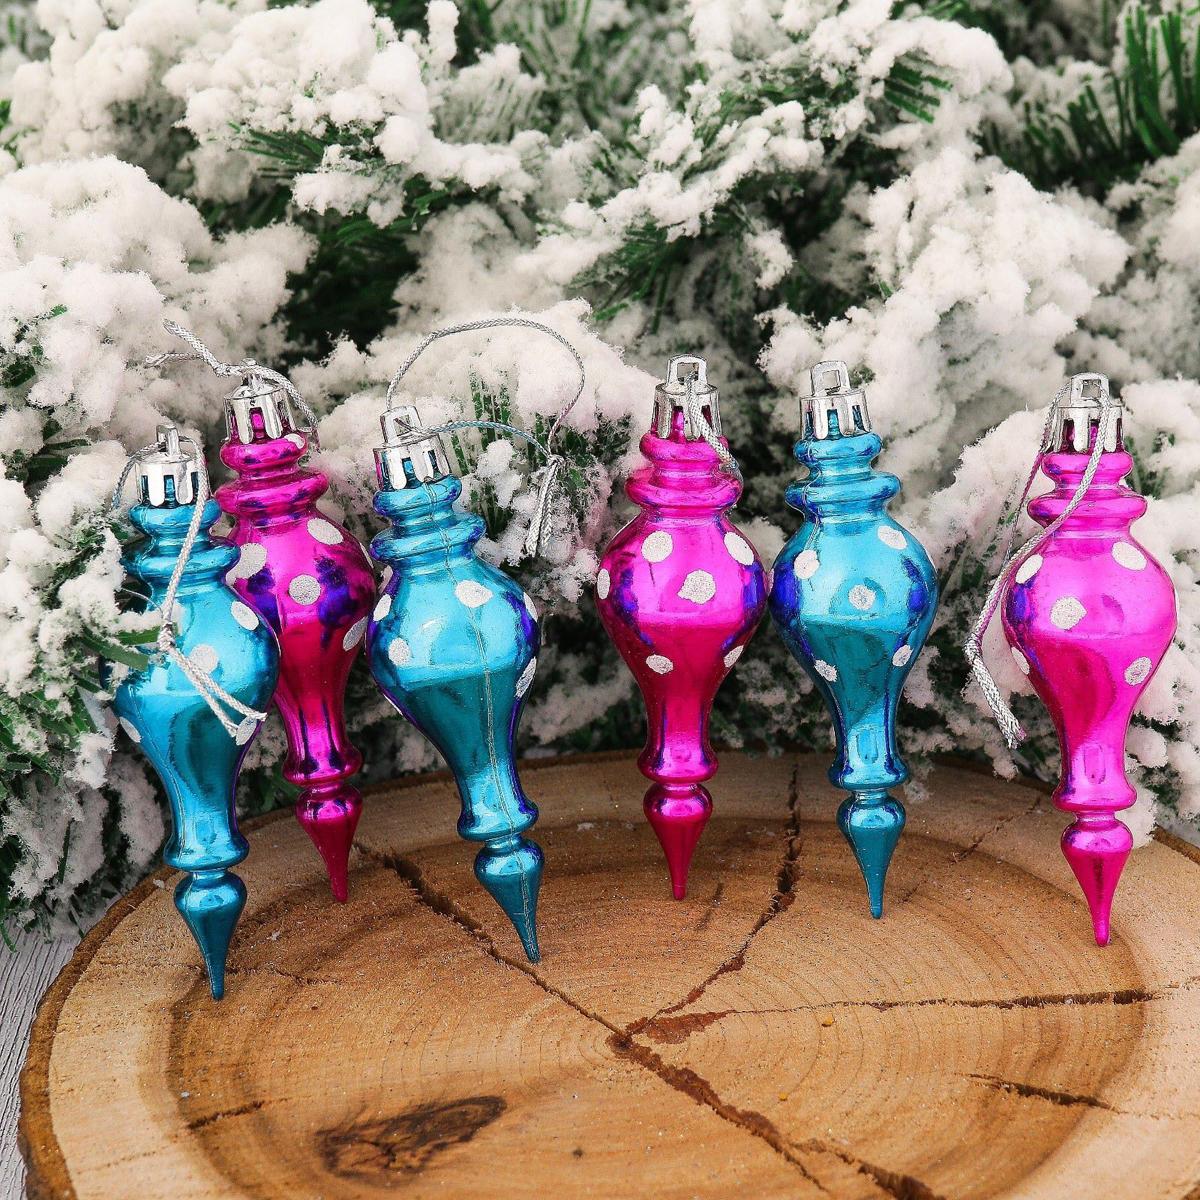 Набор новогодних подвесных украшений Сосульки, 8 х 3 см, 6 шт2123063Набор новогодних подвесных украшений отлично подойдет для декорации вашего дома и новогодней ели. С помощью специальной петельки украшение можно повесить в любом понравившемся вам месте. Но, конечно, удачнее всего оно будет смотреться на праздничной елке.Елочная игрушка - символ Нового года. Она несет в себе волшебство и красоту праздника. Такое украшение создаст в вашем доме атмосферу праздника, веселья и радости.